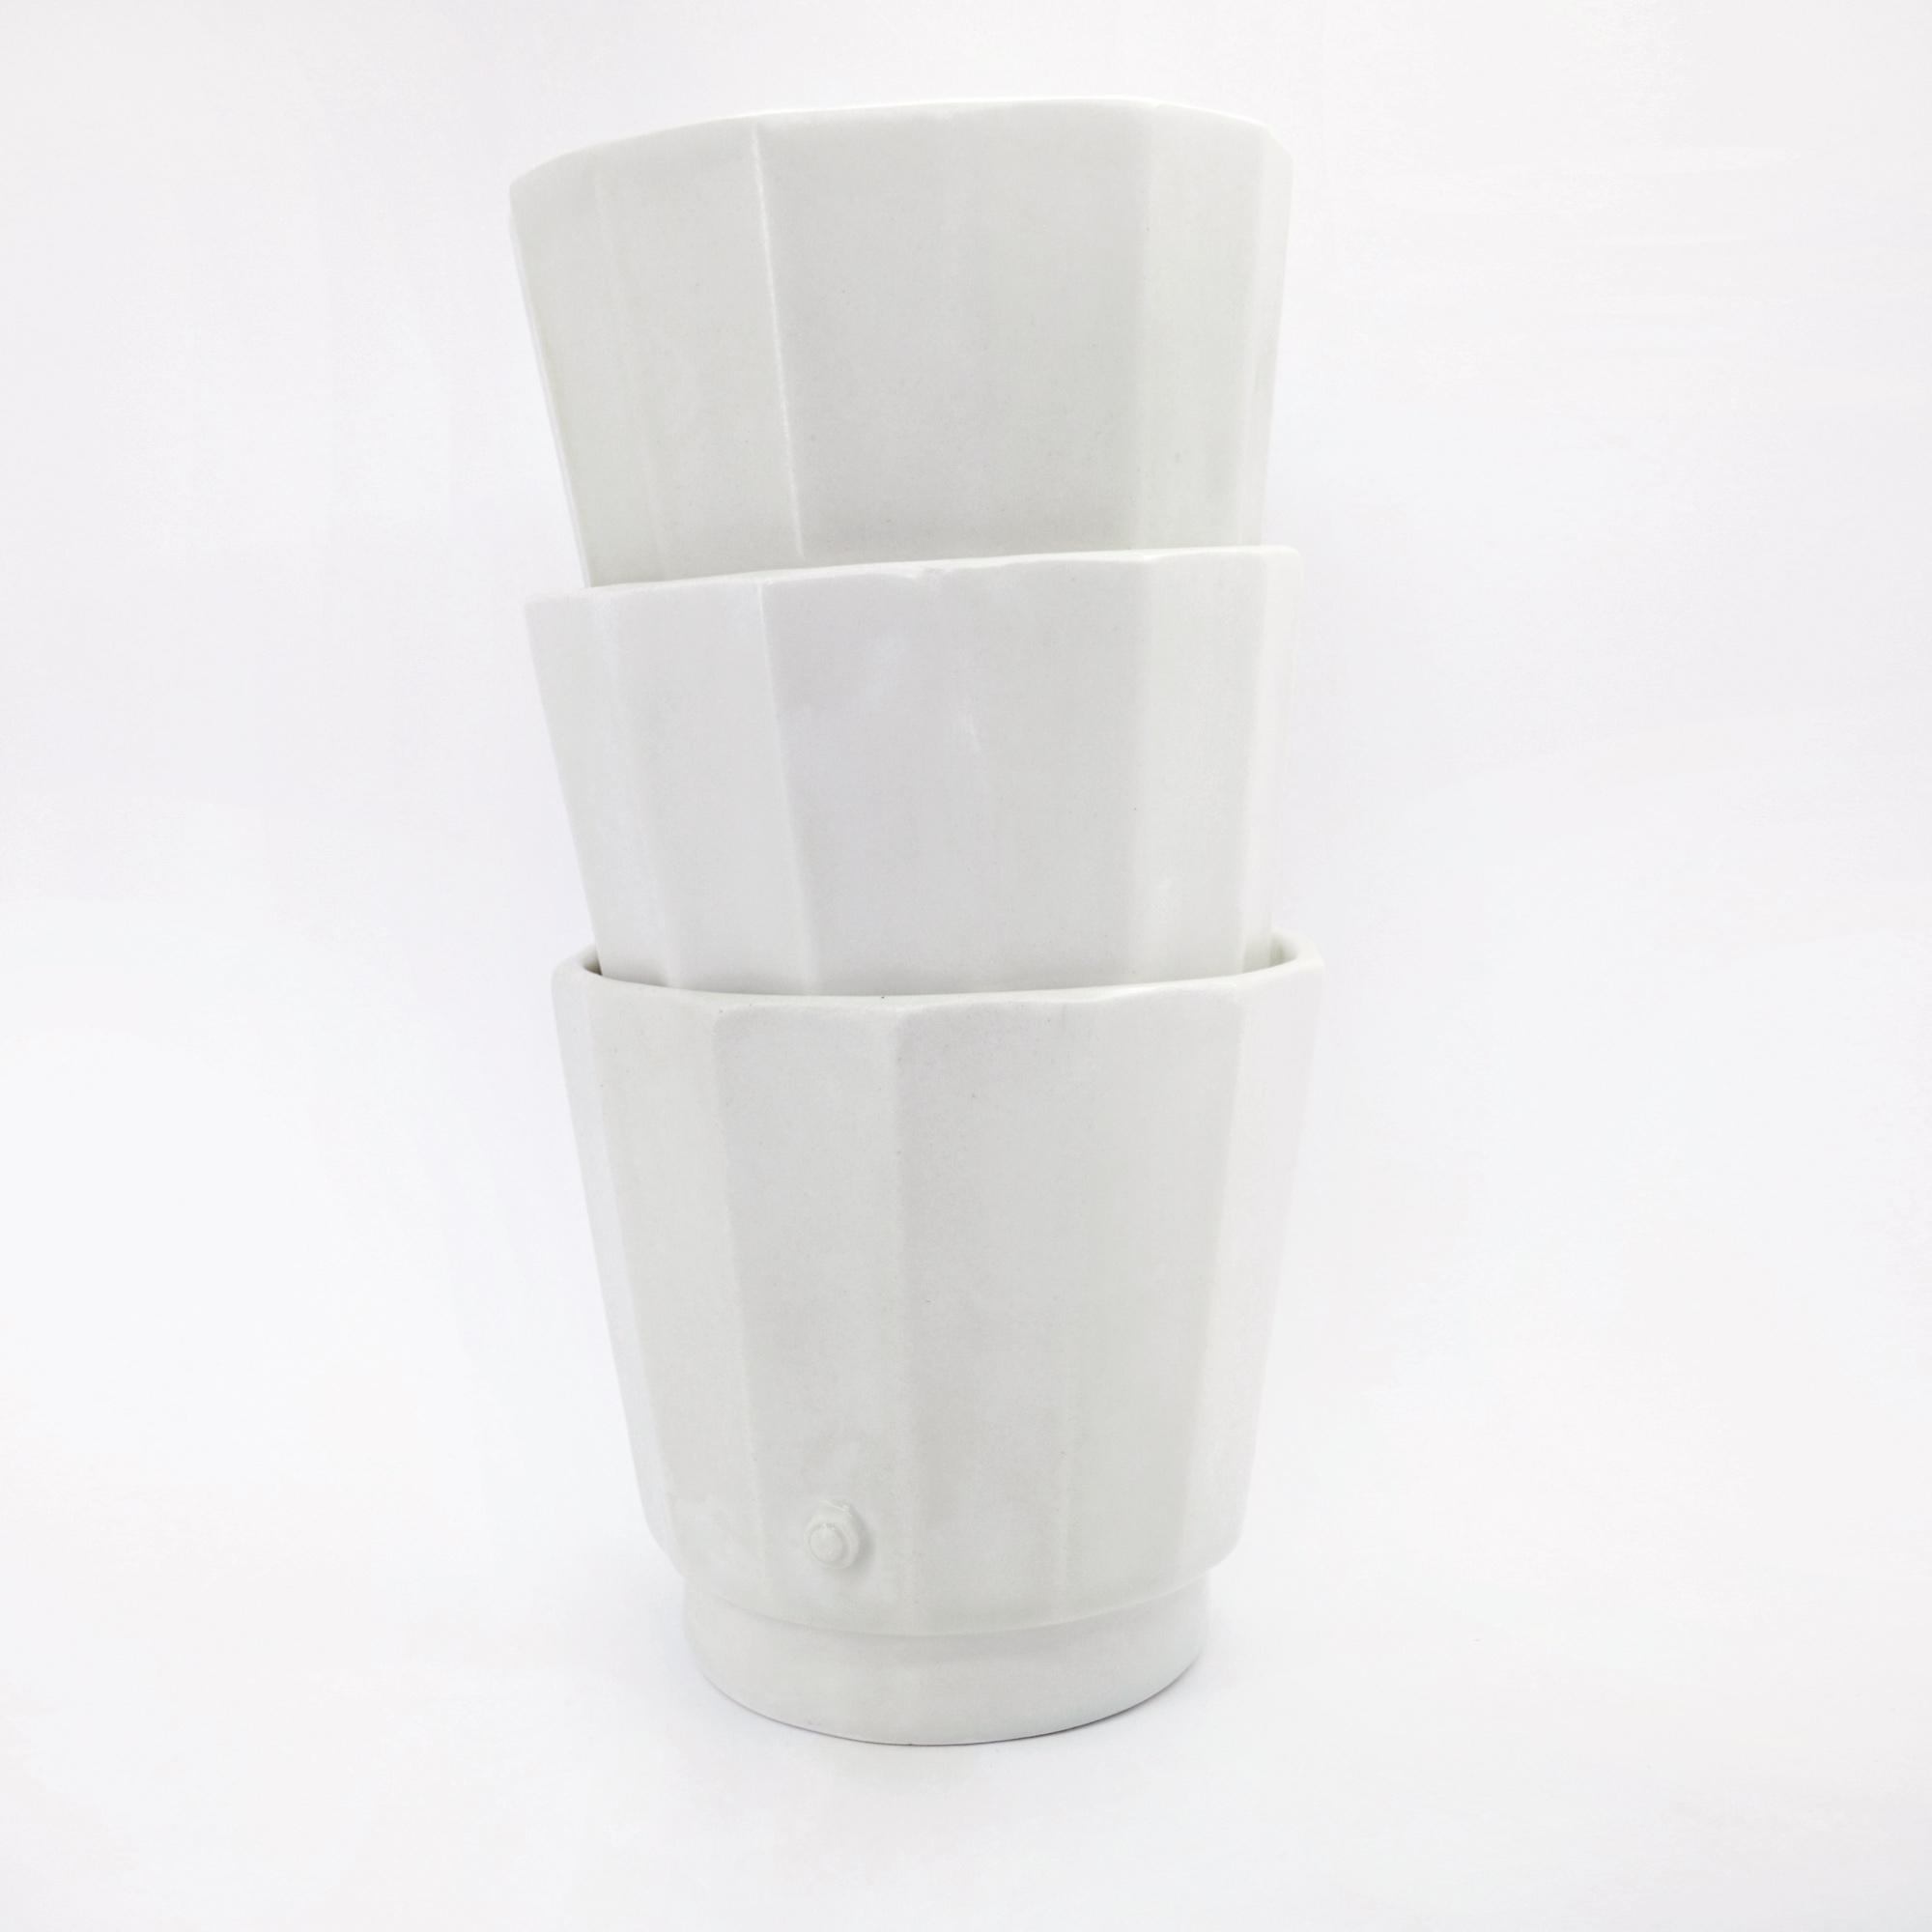 recipiente blanco ceramico diseño fabricado a mano bol recipiente blanco